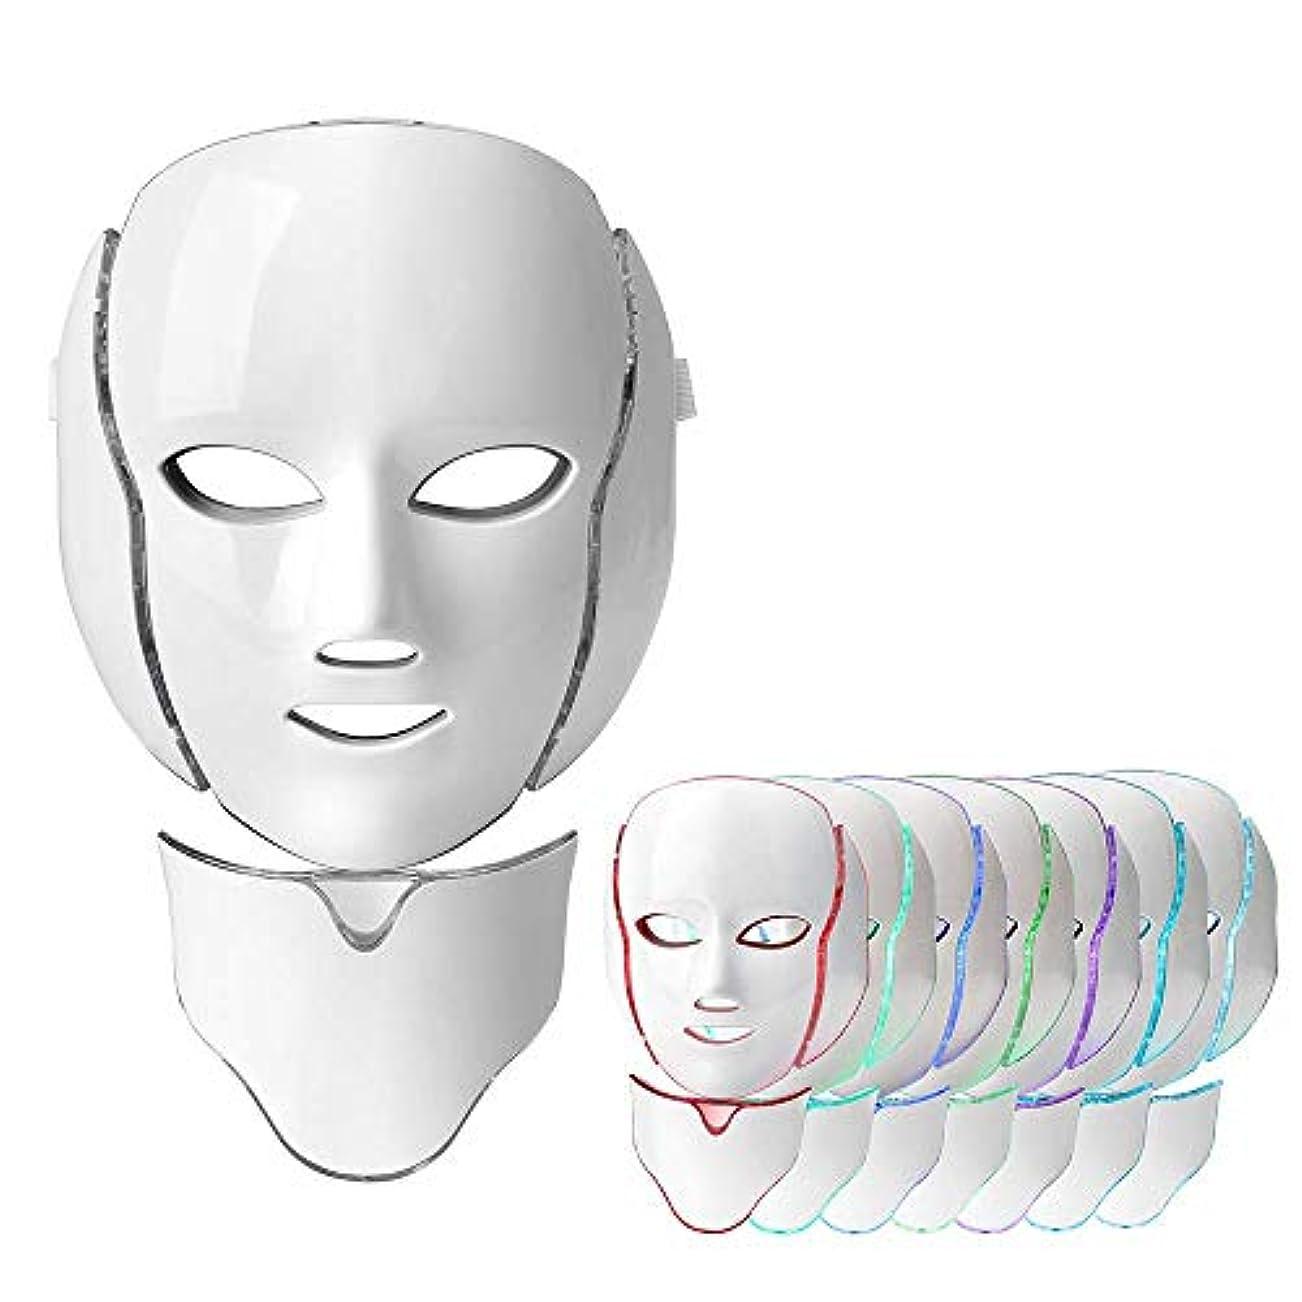 薄い無効アラートフォトンセラピーライトセラピーフェイスマスク、マイクロカレント7色ニキビ治療Ledフォトンマスクフェイシャルスキンケアアンチエイジングキット